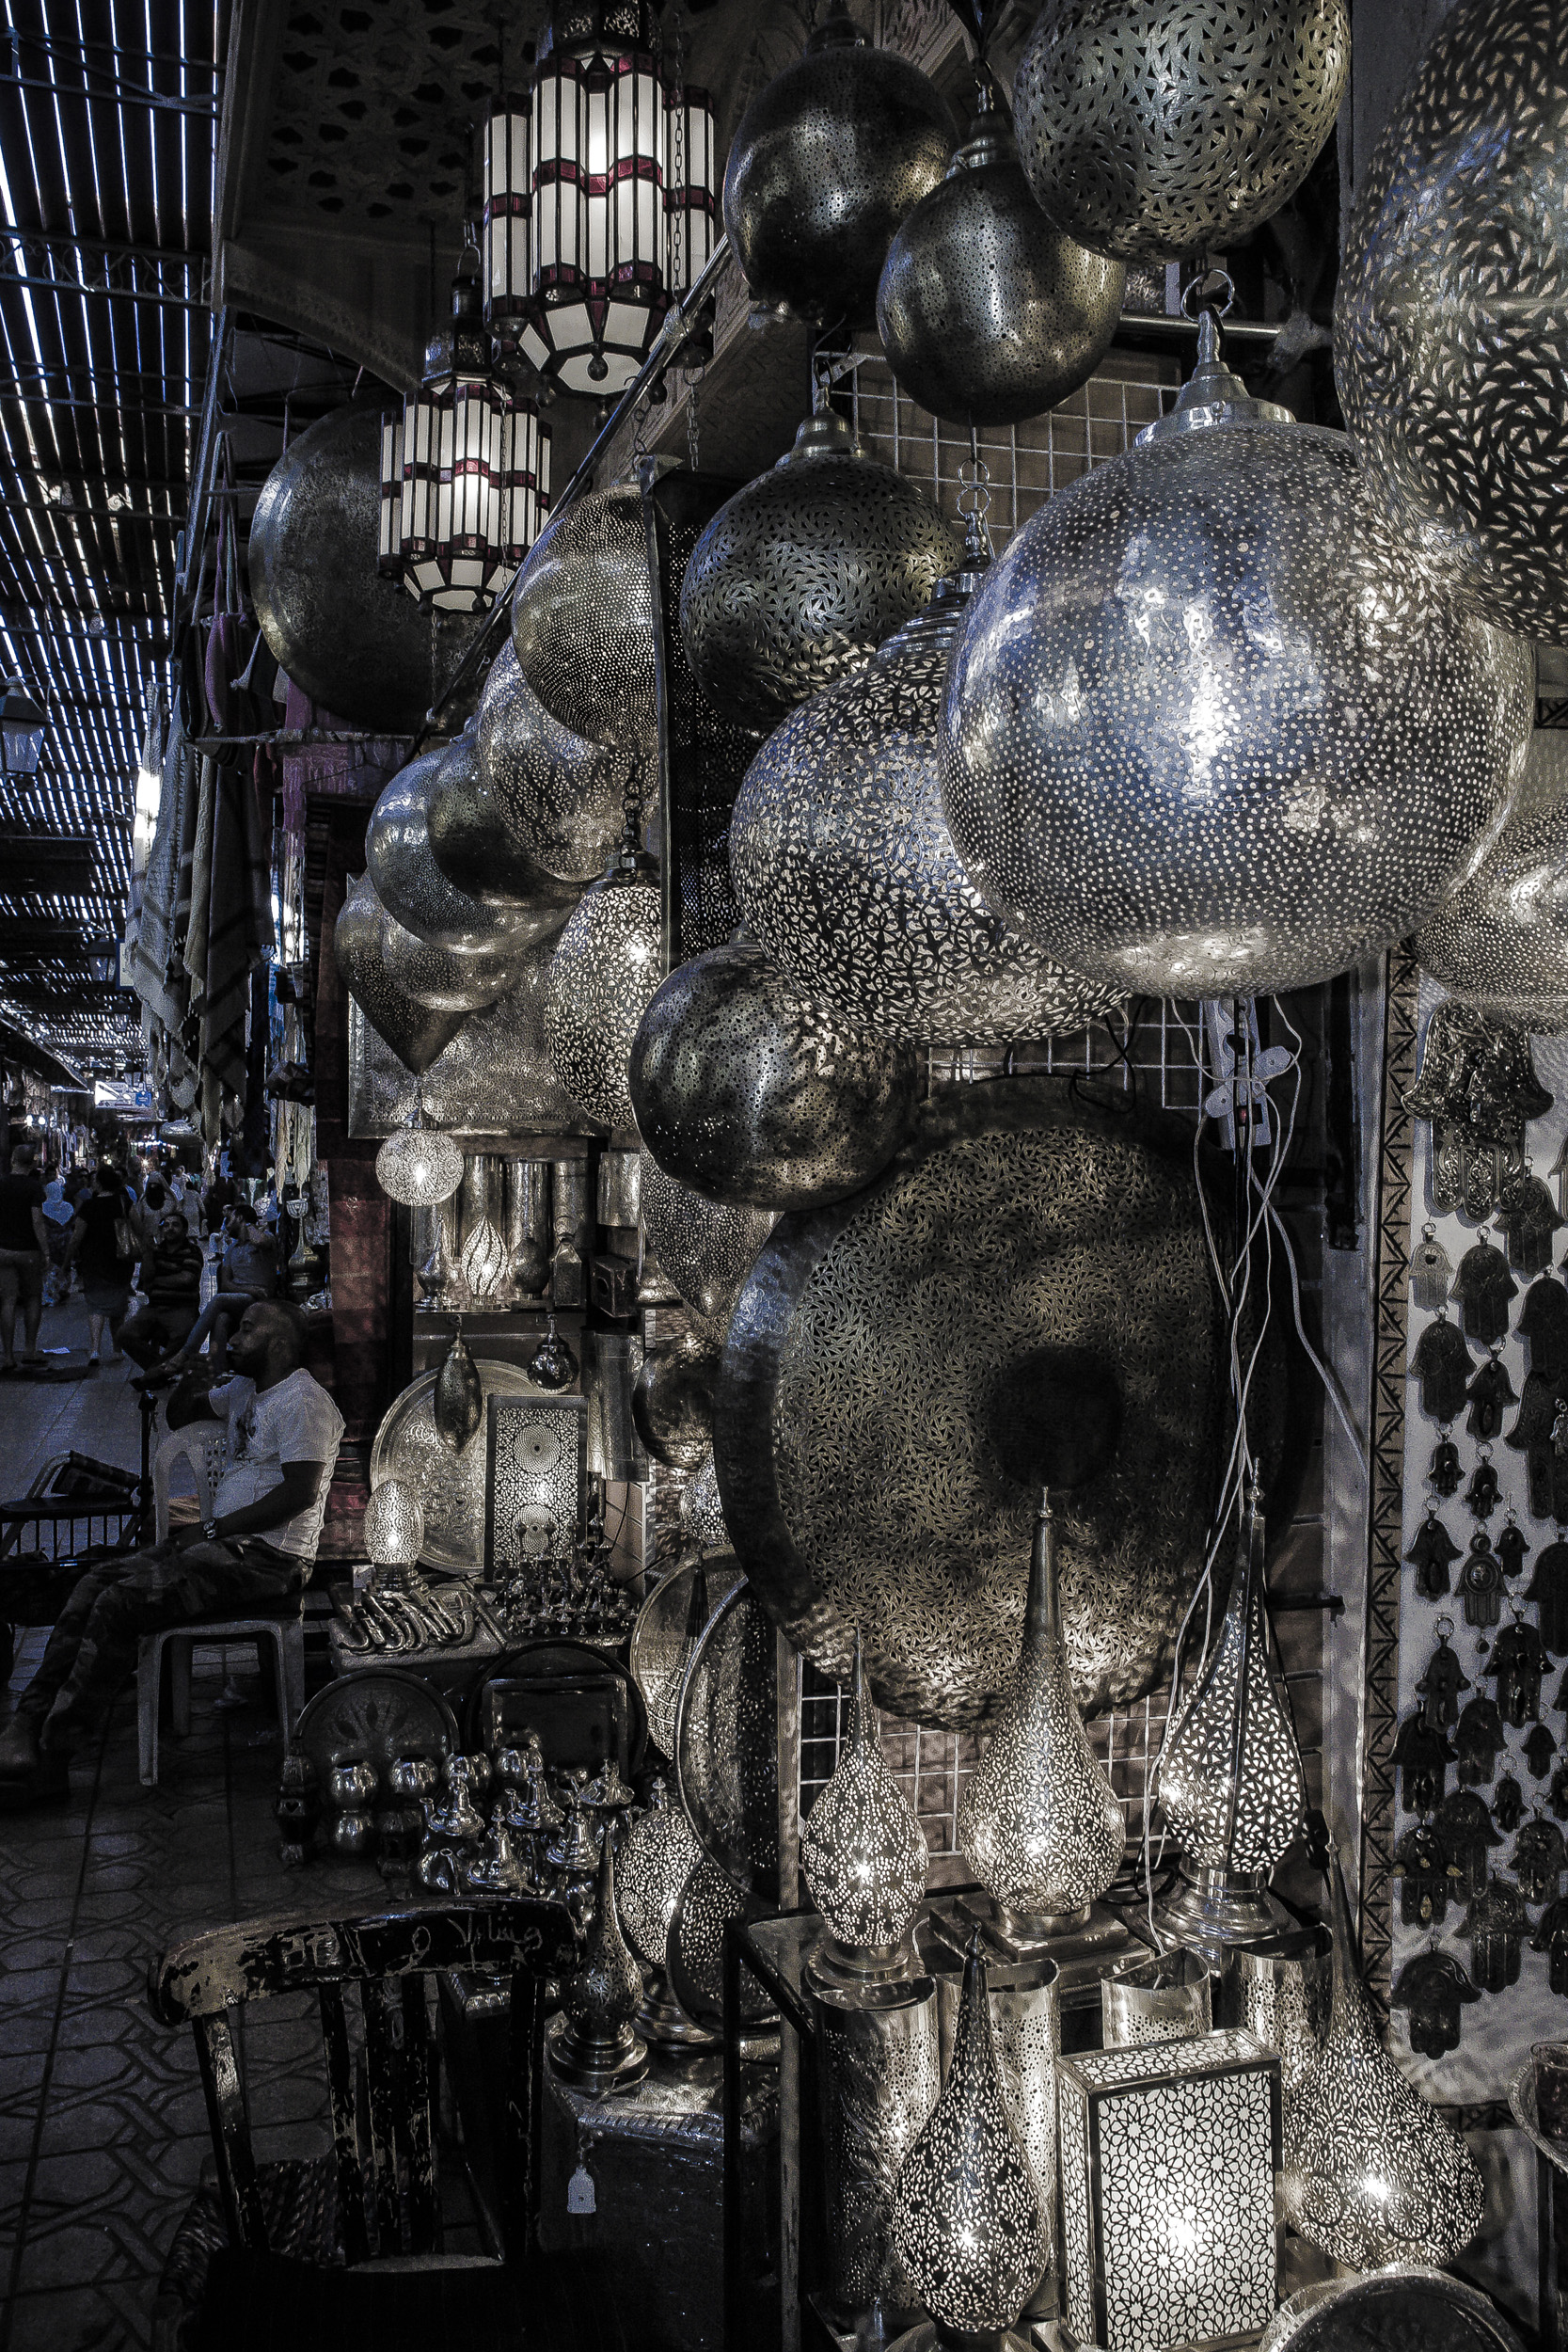 llegada_marrakech_convencion_anual_salerm_cosmetics_proline_66